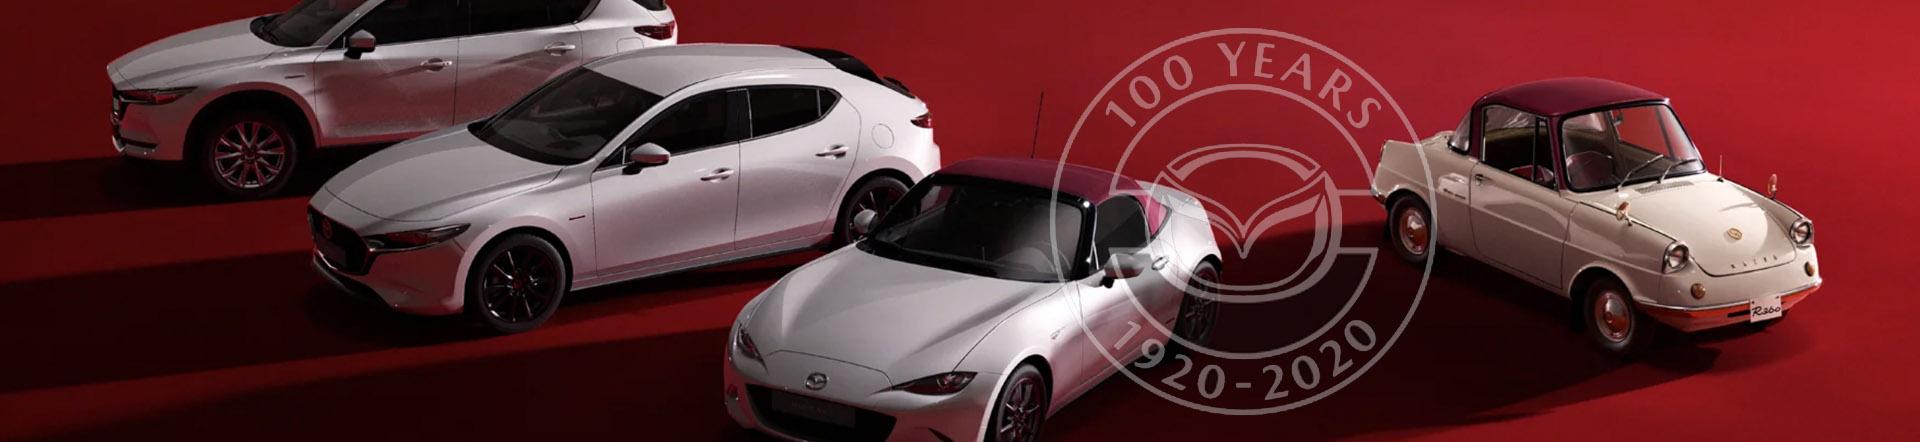 Auto Stahl Mazda 100 Jahre Header